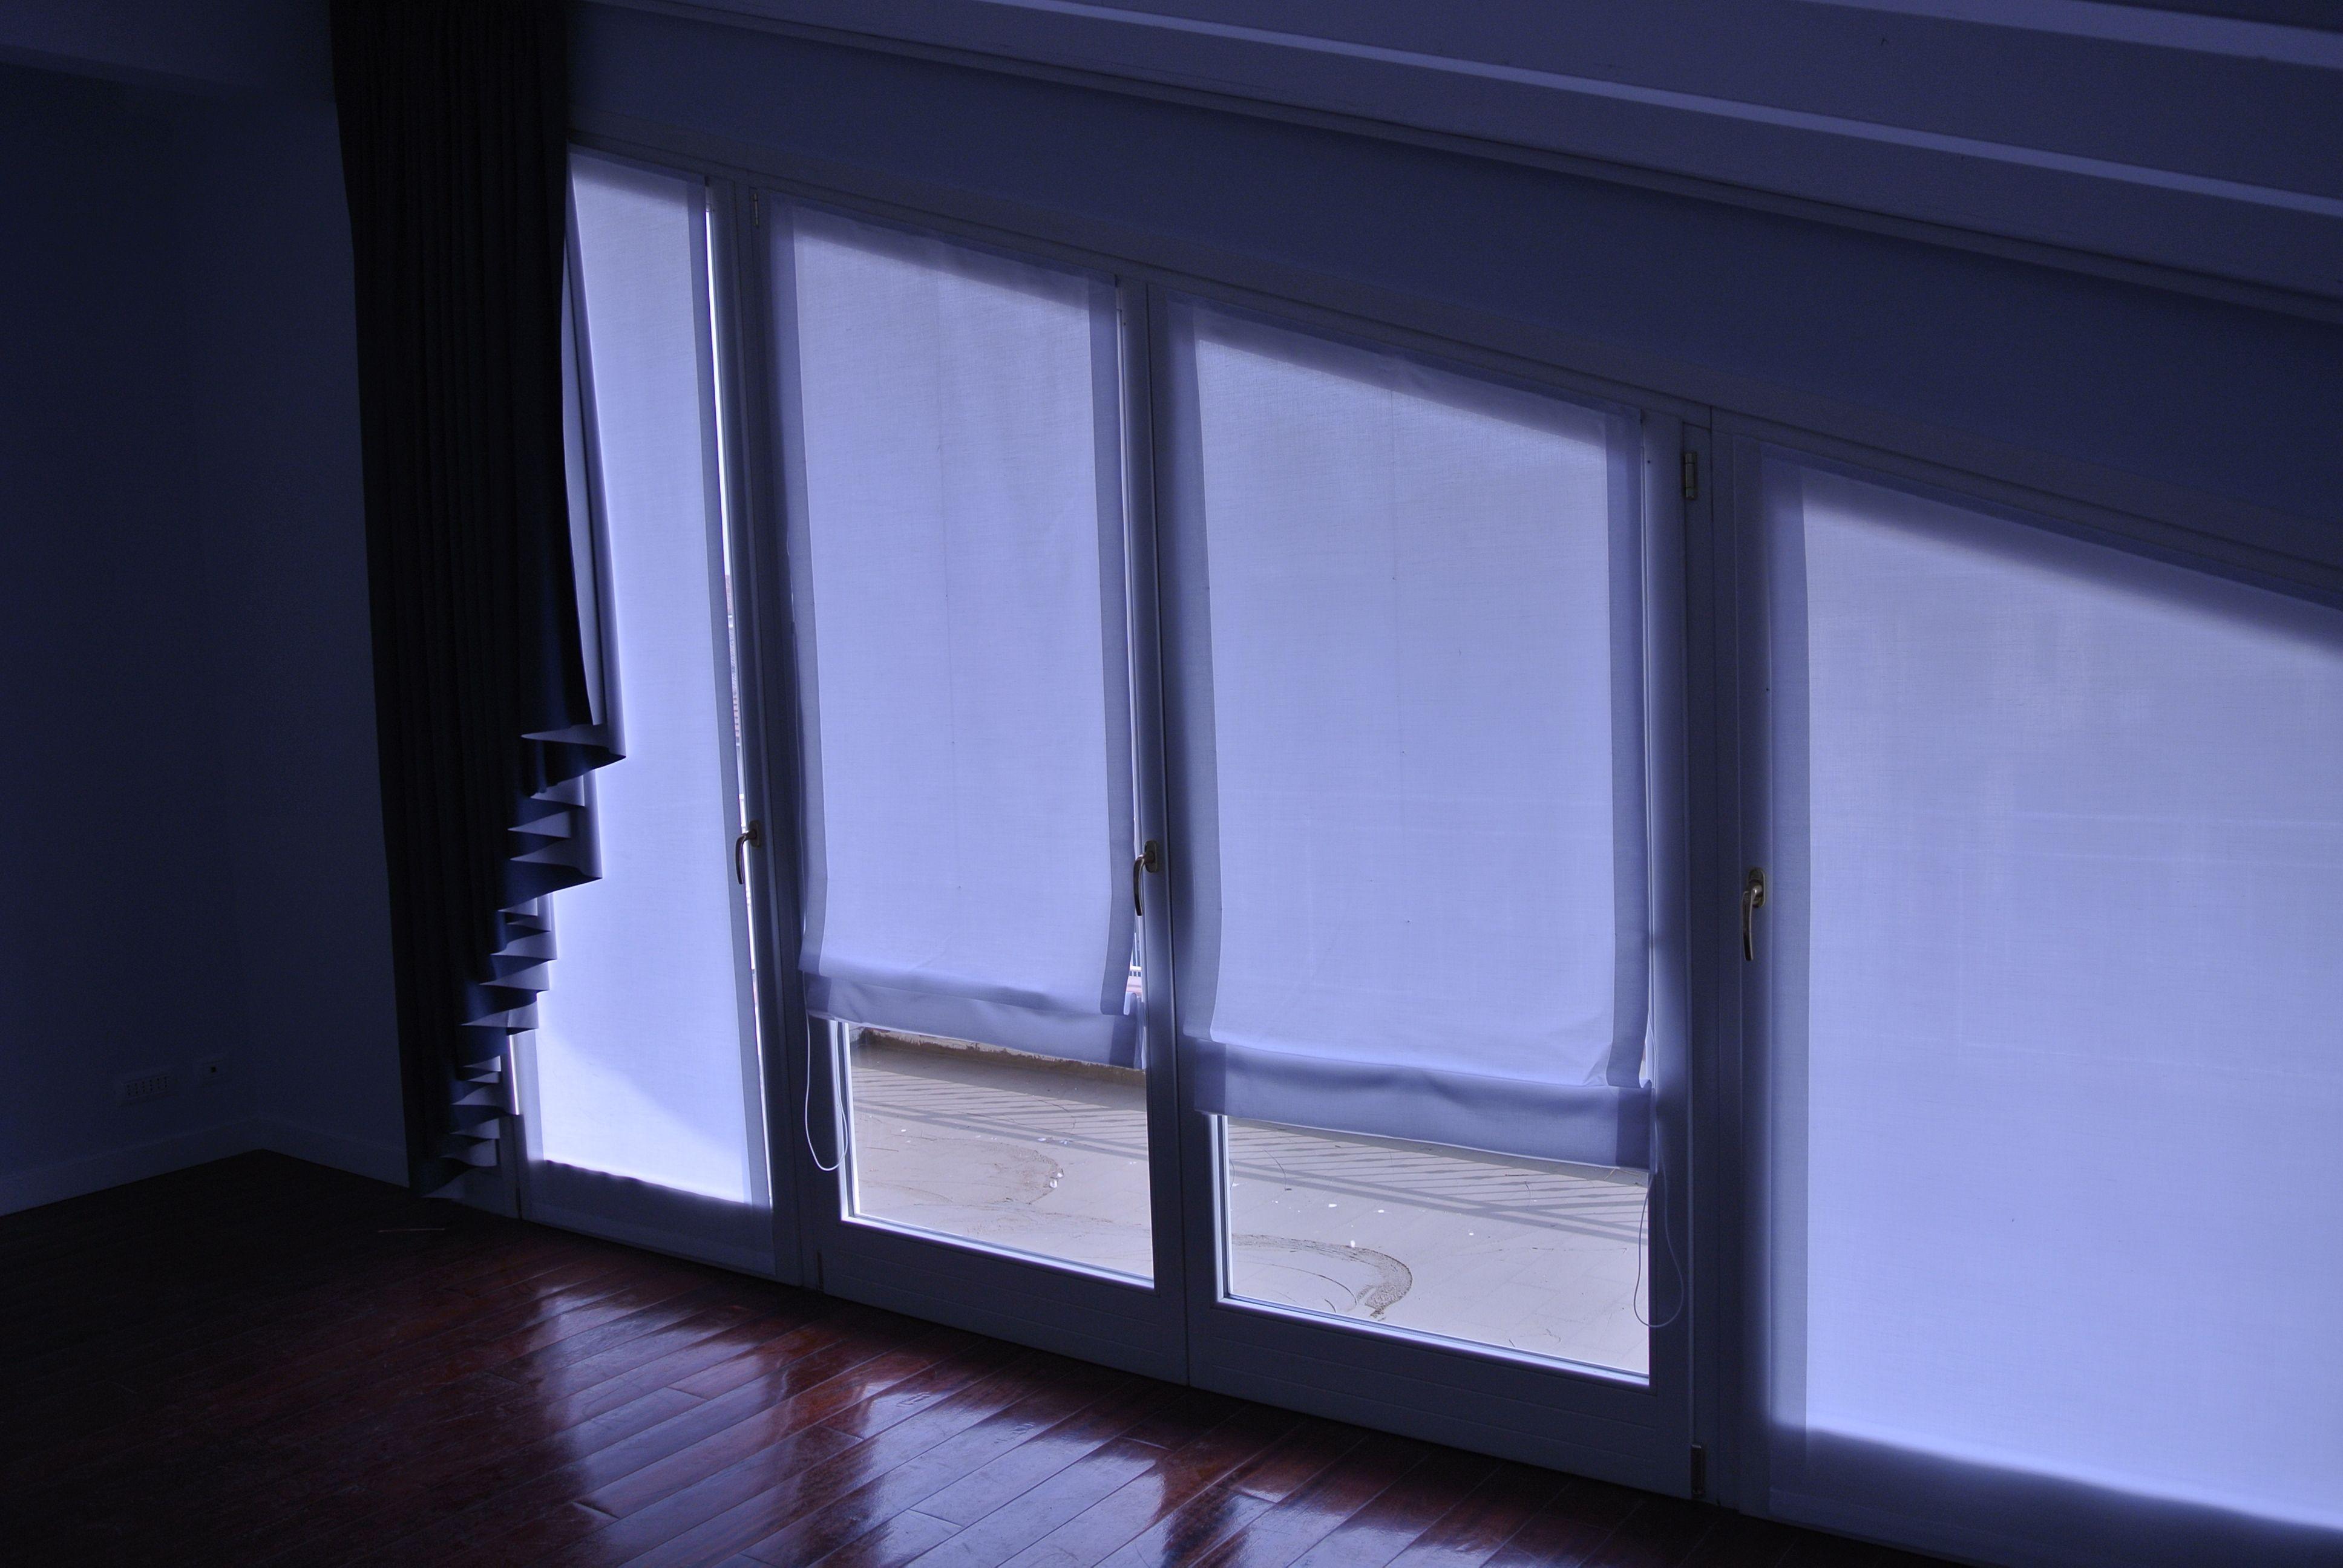 Tende Per Soffitti Inclinati tenda oscurante a soffitto con pendenza mansarda | tende